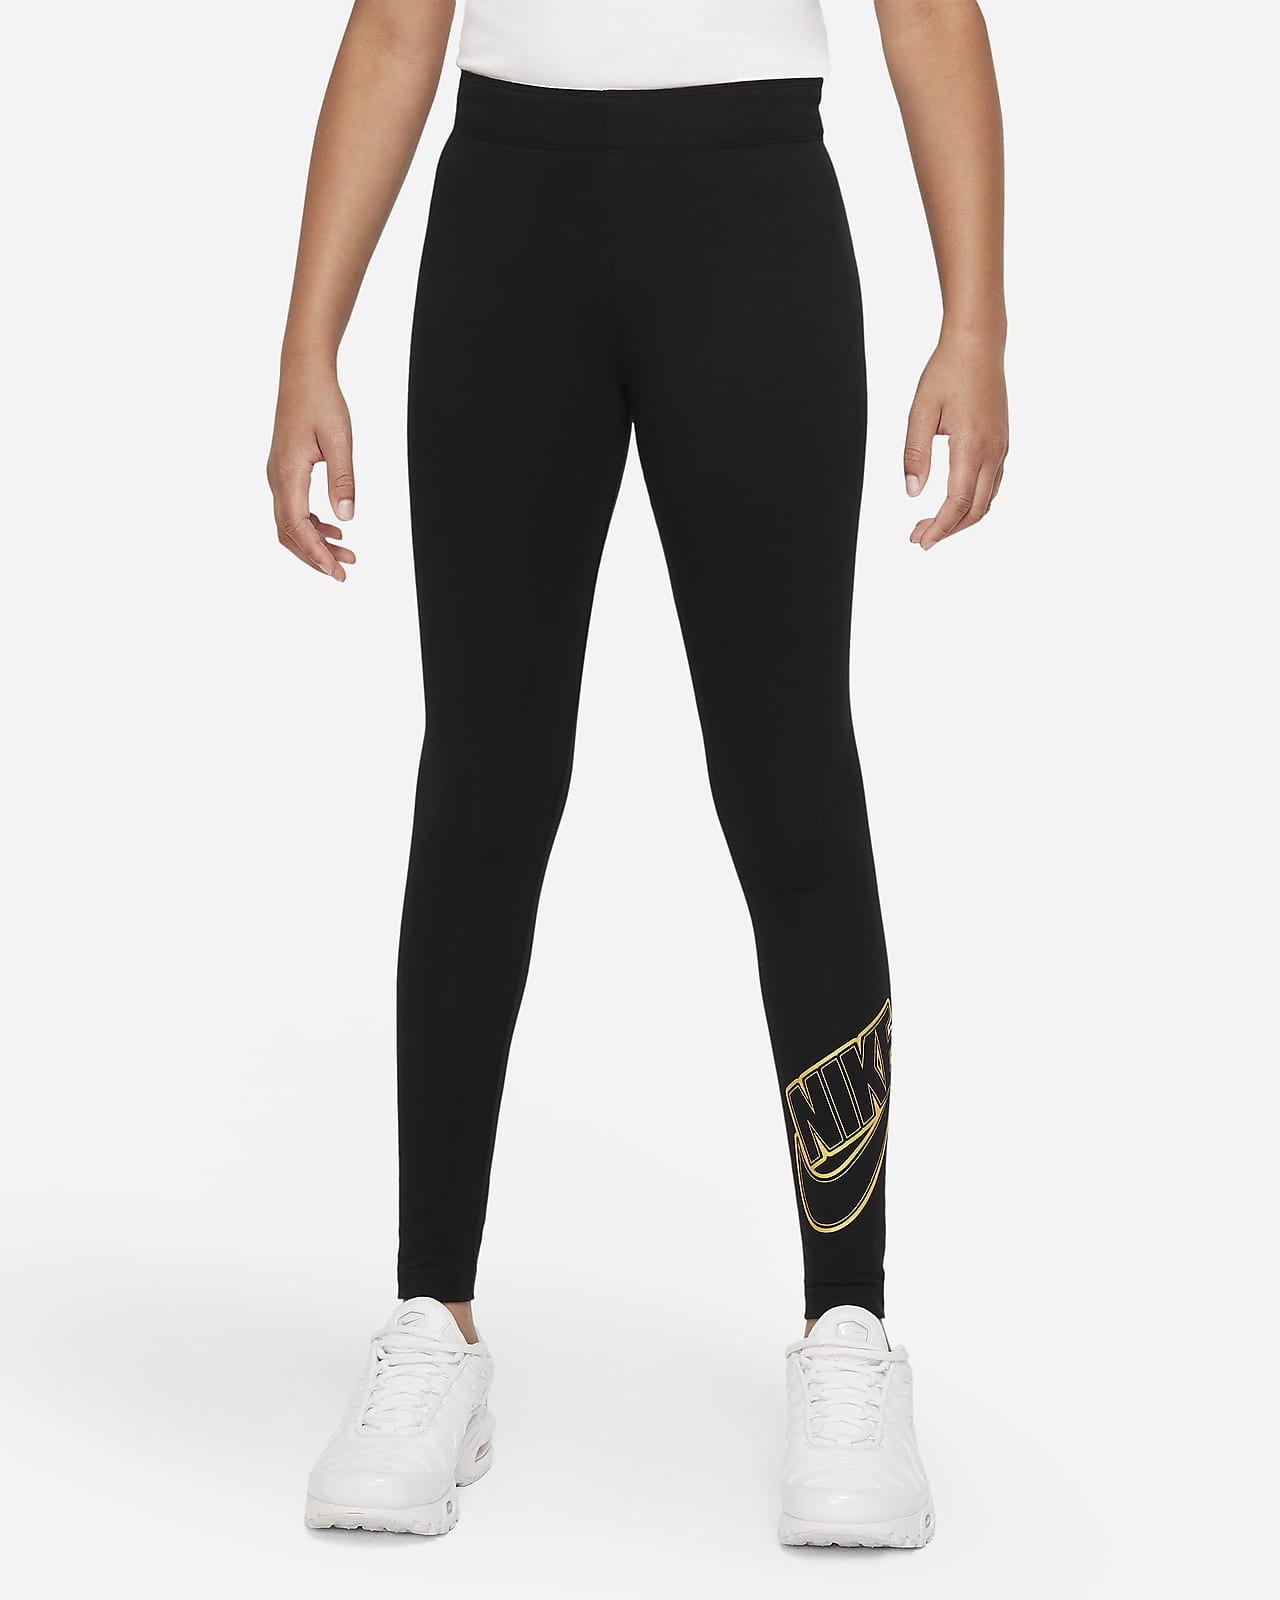 Nike Sportswear Favorites Big Kids' (Girls') Graphic Leggings